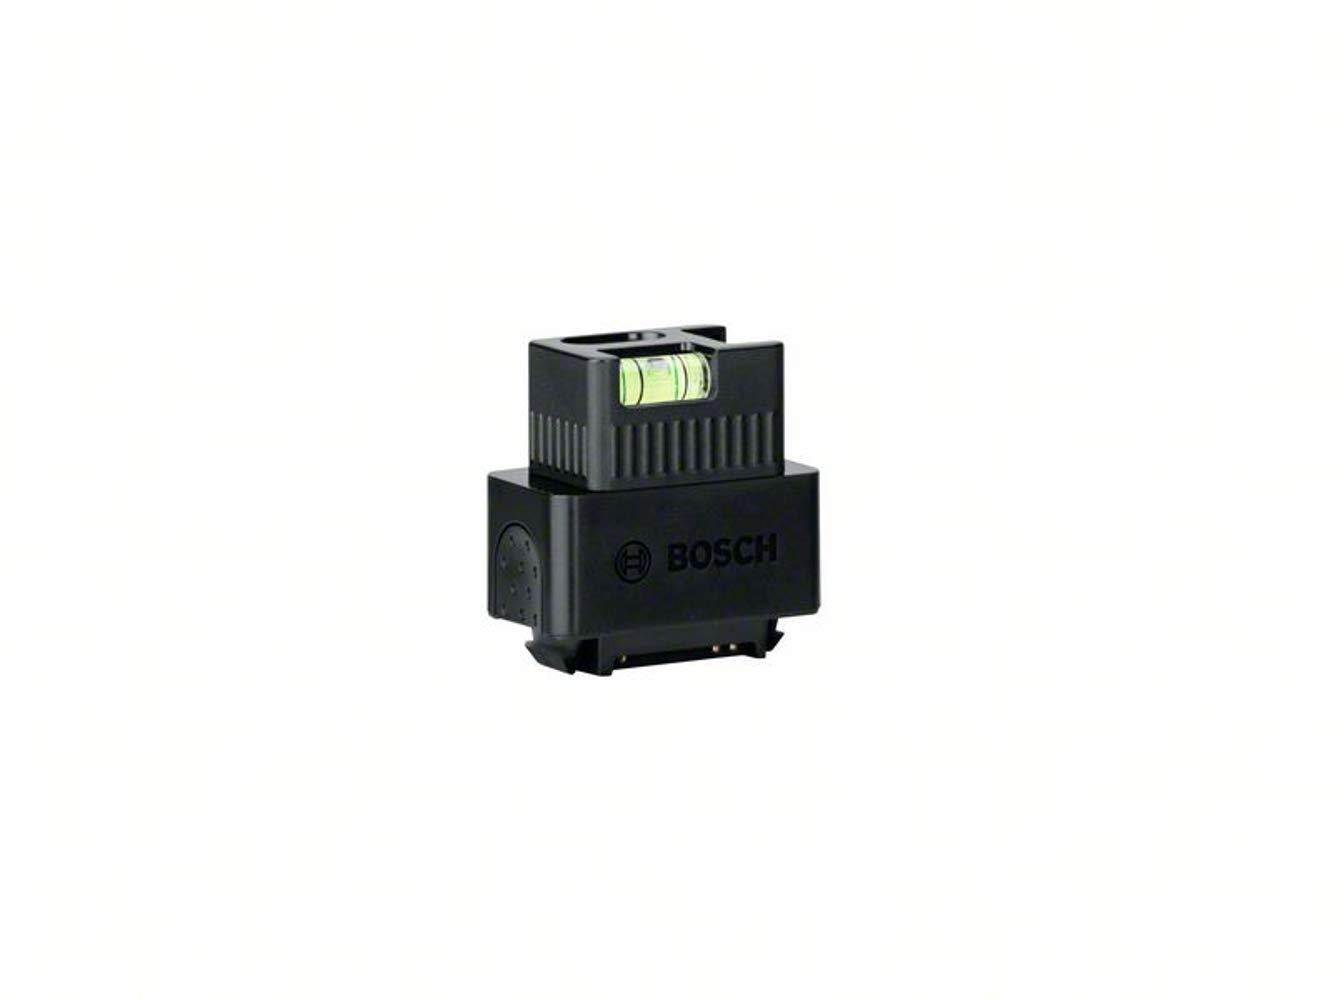 Bosch laser linienadapter für zamo generation im karton